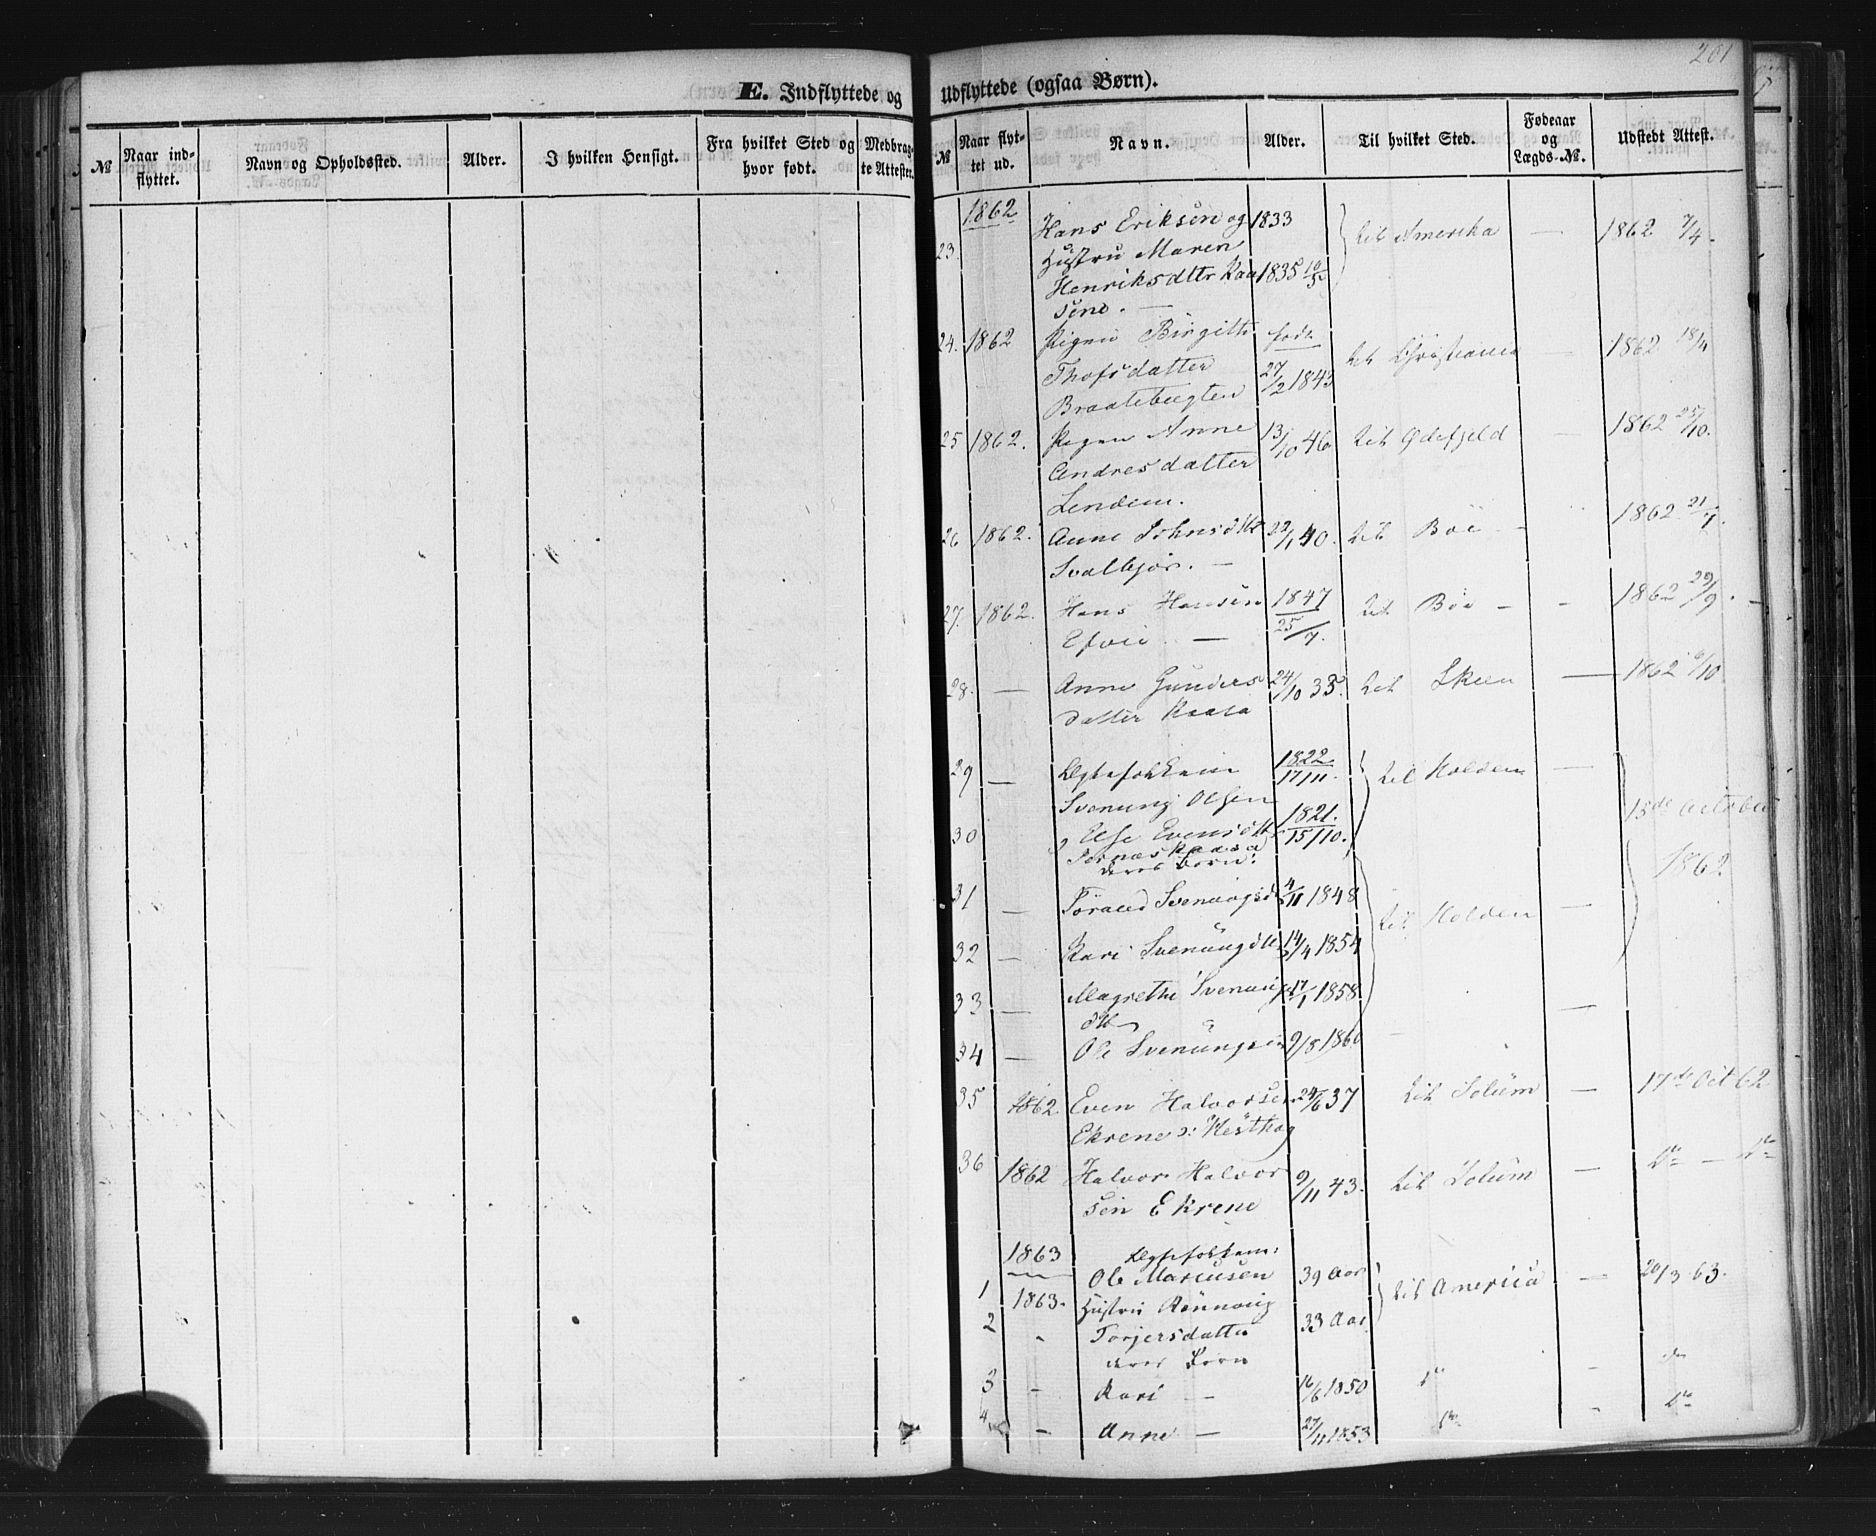 SAKO, Sauherad kirkebøker, F/Fb/L0001: Ministerialbok nr. II 1, 1851-1877, s. 201